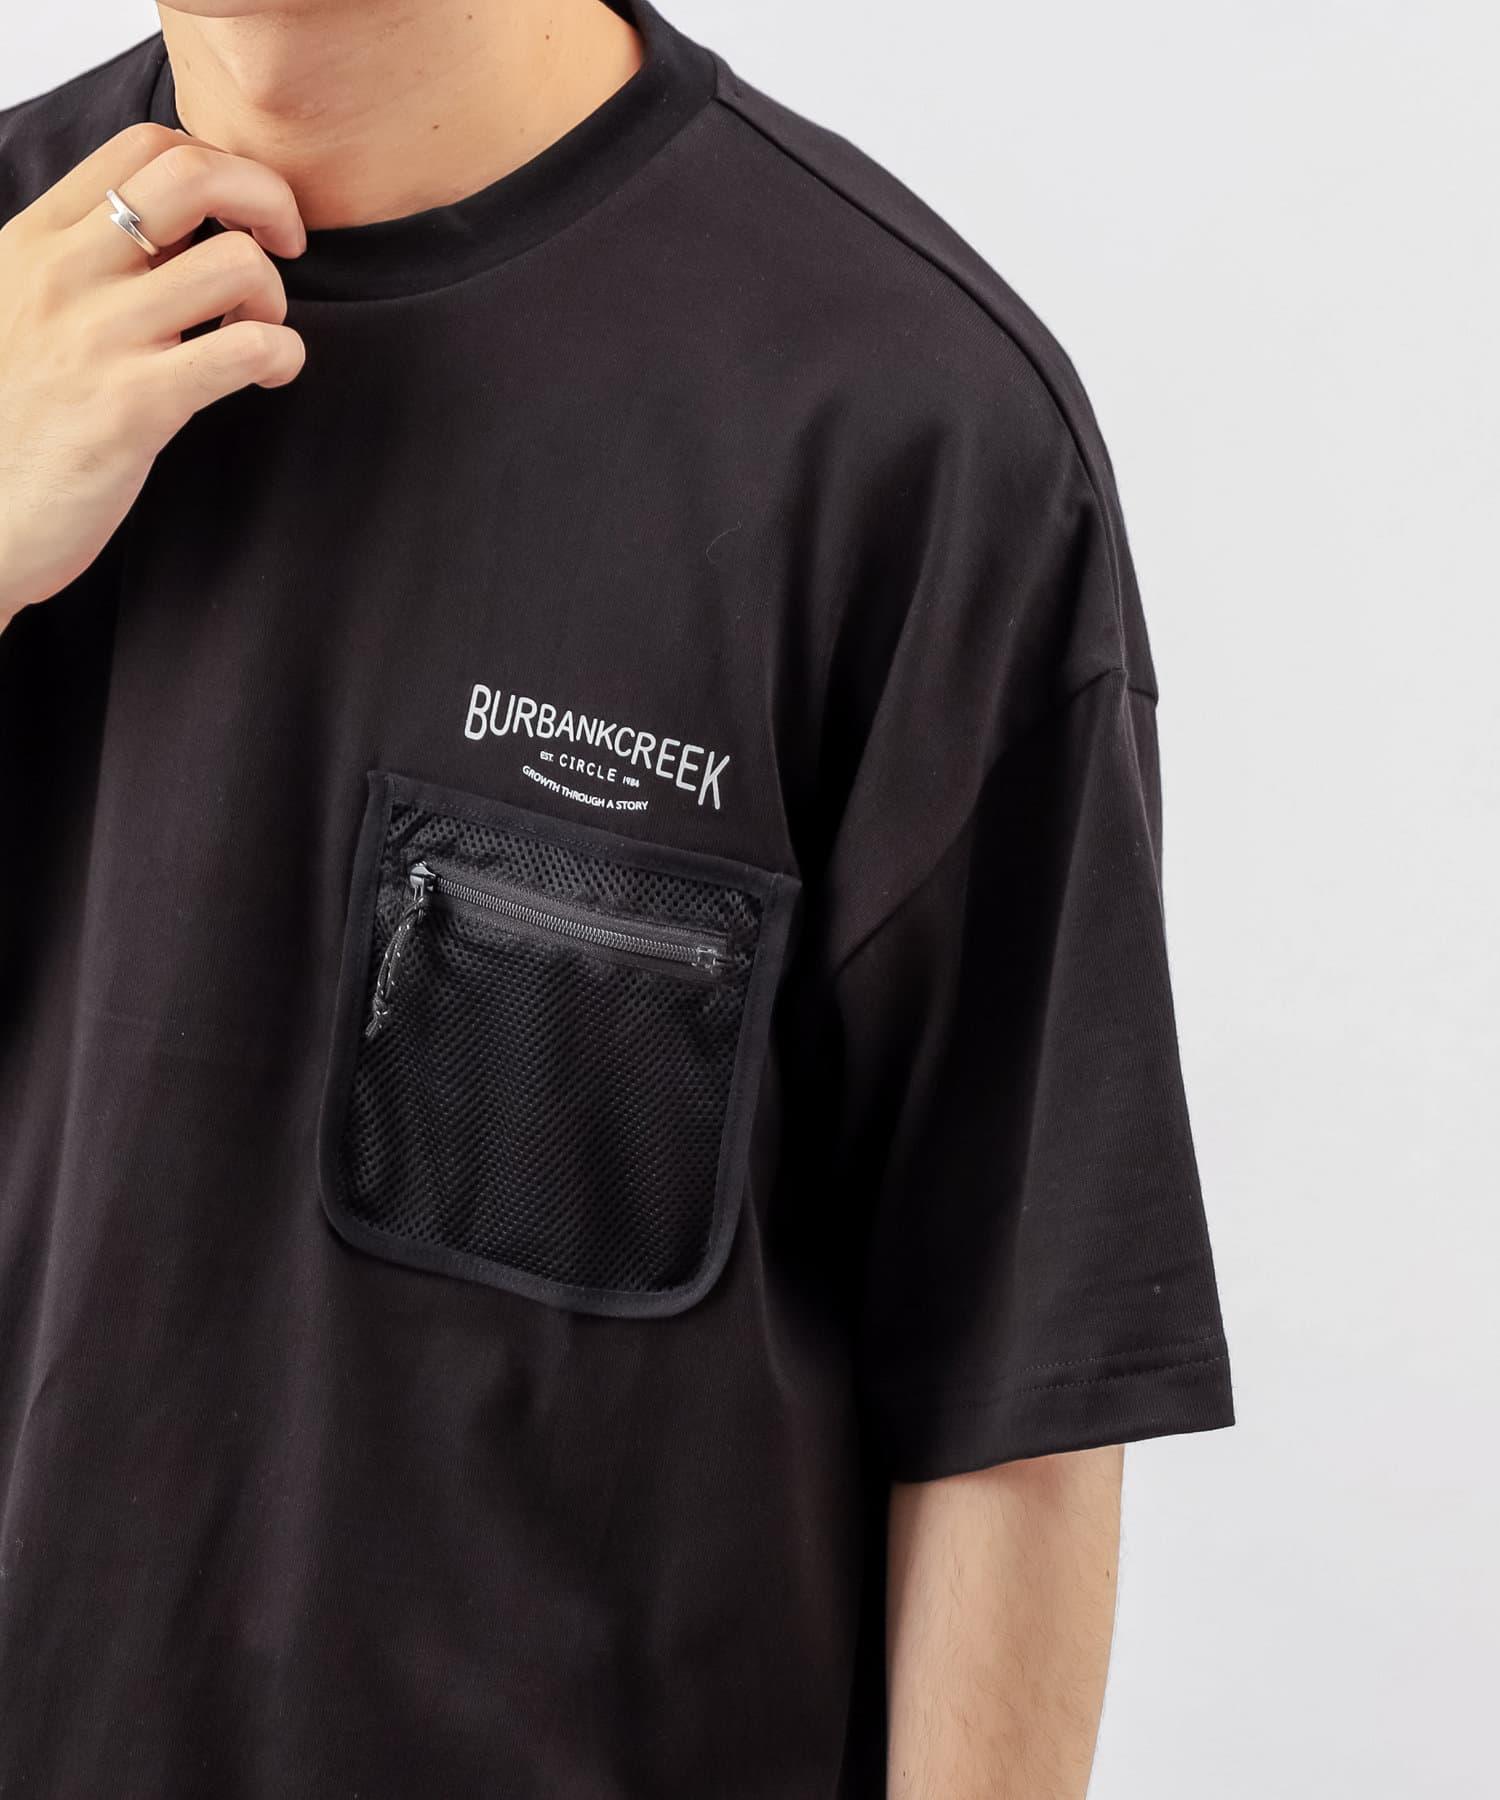 Discoat(ディスコート) メンズ 【BURBANKCREEK】ポケットメッシュTシャツ ブラック